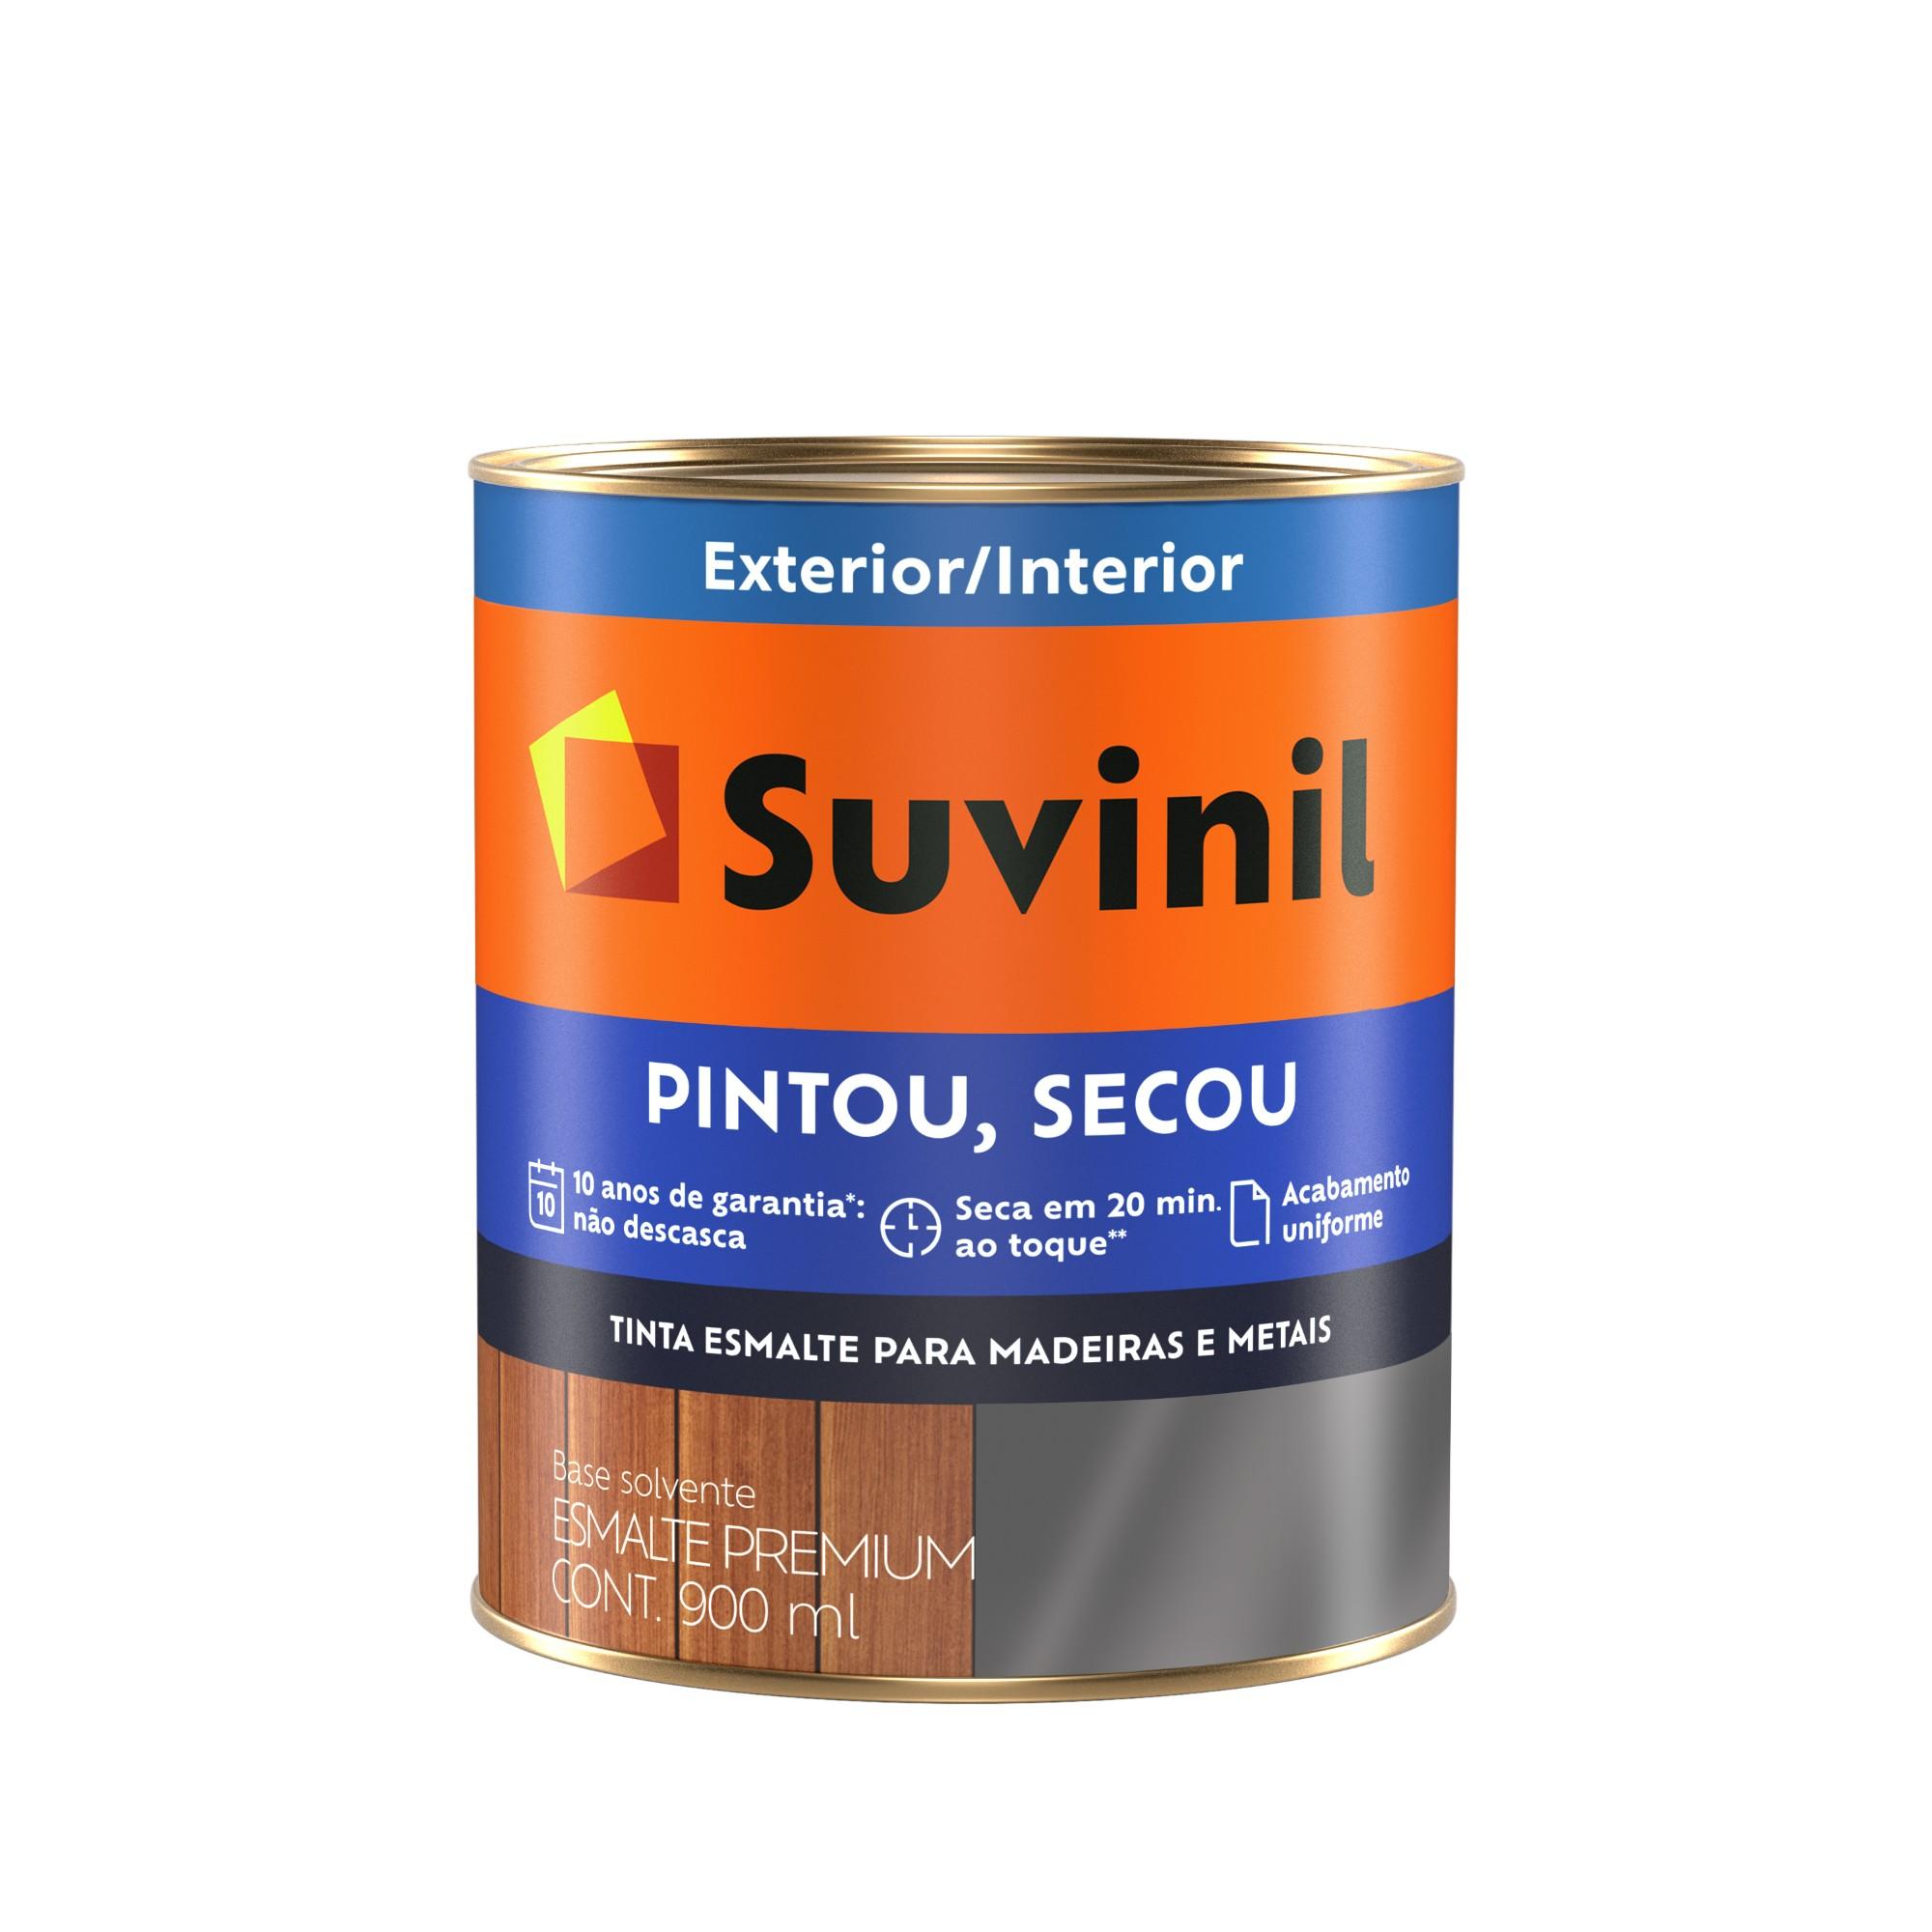 Tinta Esmalte Sintetico Brilhante Premium 09L - Del Rey - Pintou Secou Suvinil